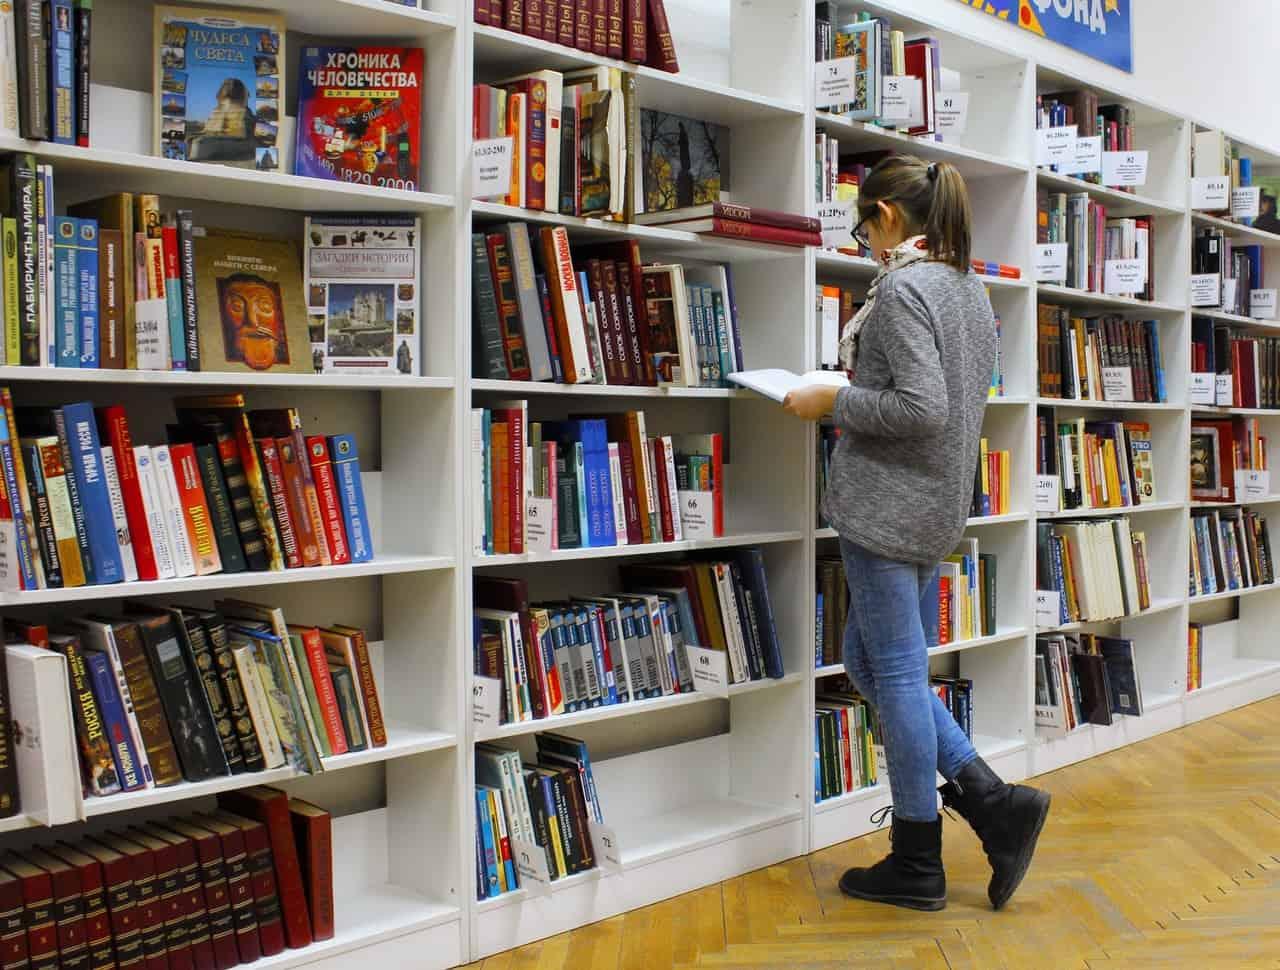 Les 15 meilleurs livres de marketing à lire en 2020 pour garder une longueur d'avance